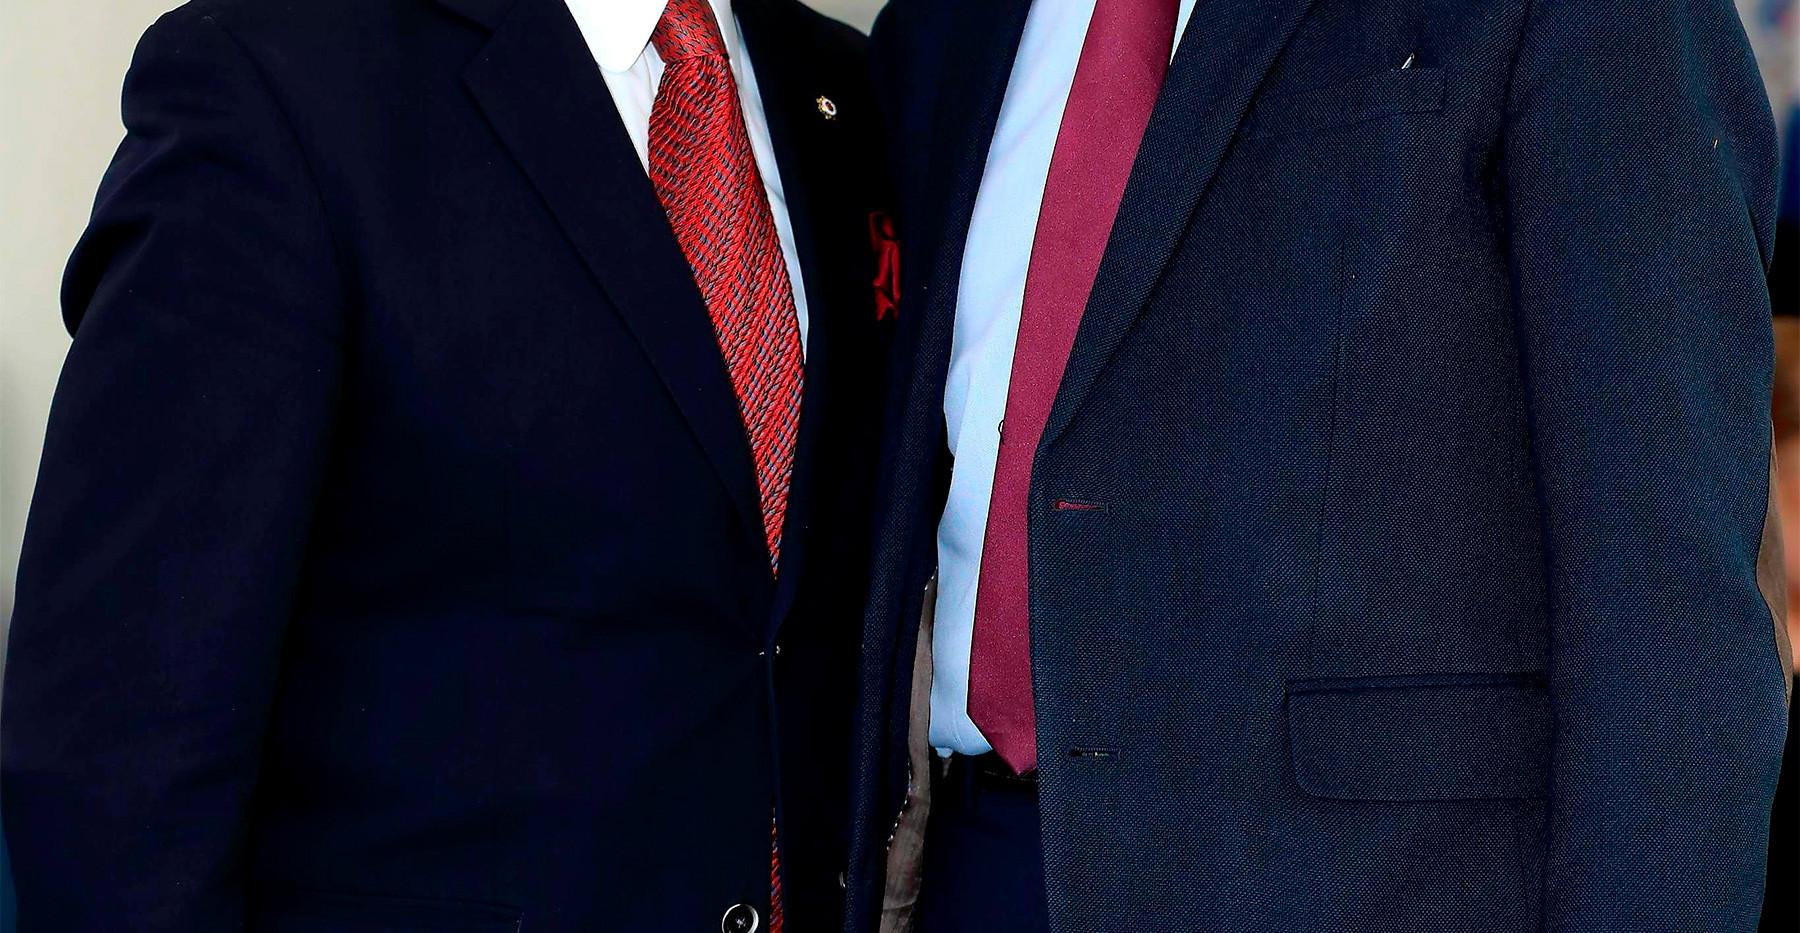 С Президентом федерации фигурного катания, Олимпийским чемпионом Александром Горшковым.